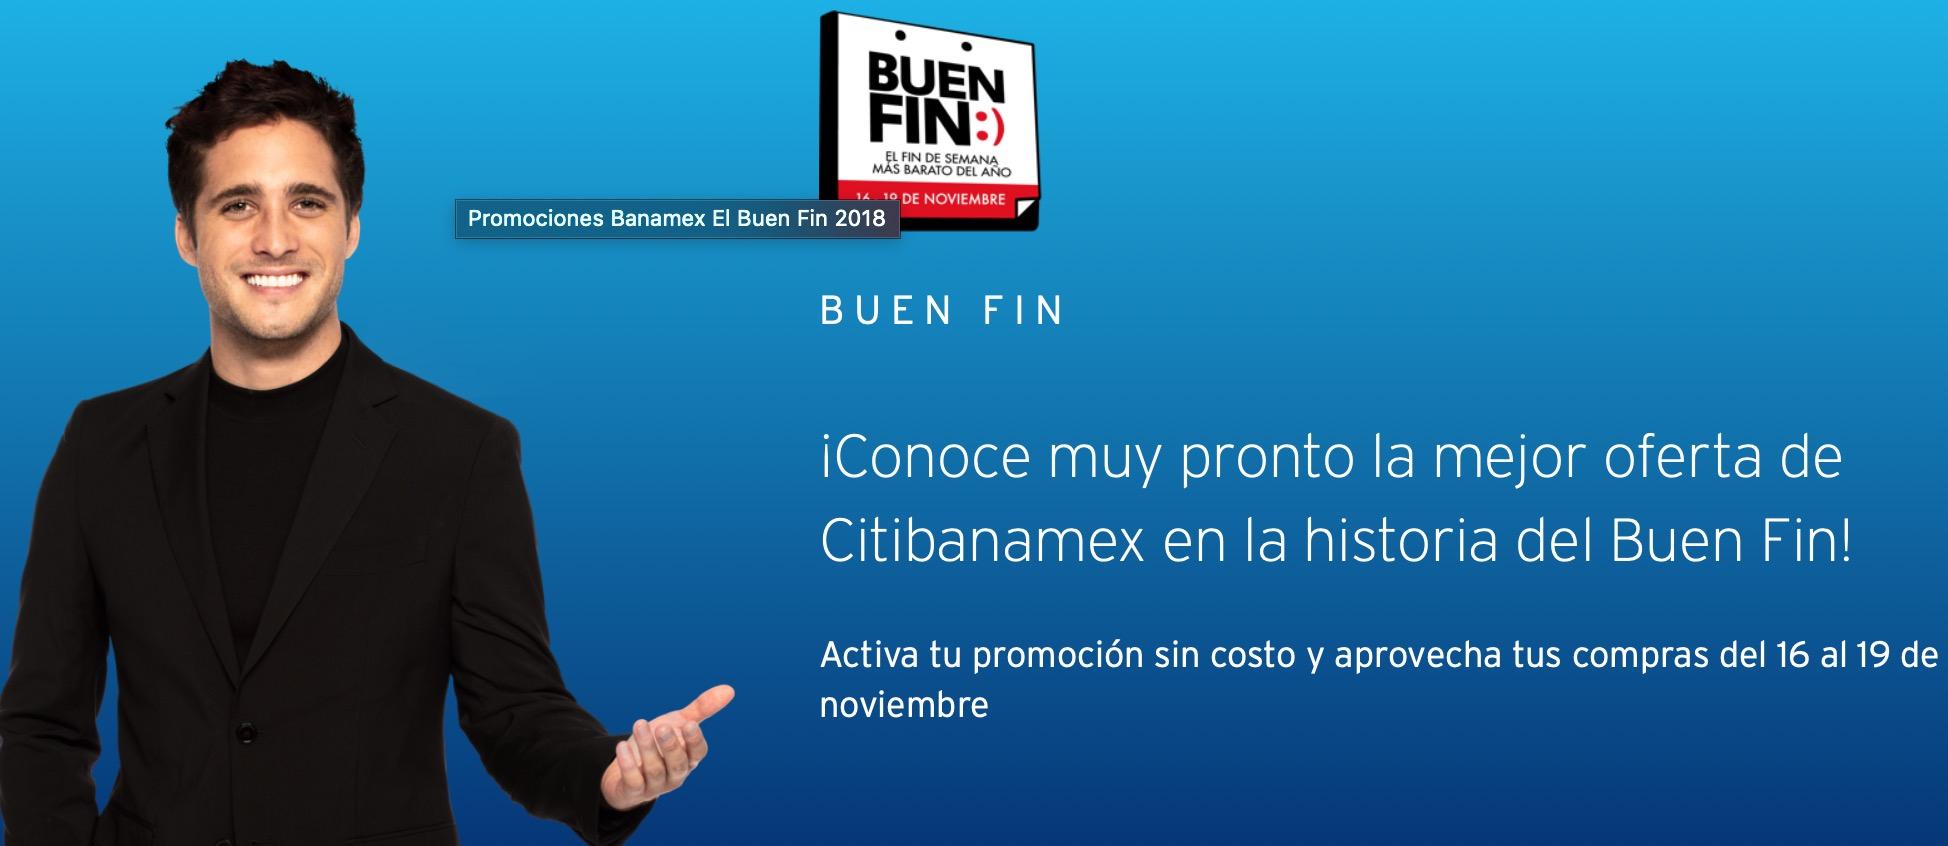 Promociones Buen Fin 2018 Citibanamex: Activación de promoción para el Buen Fin